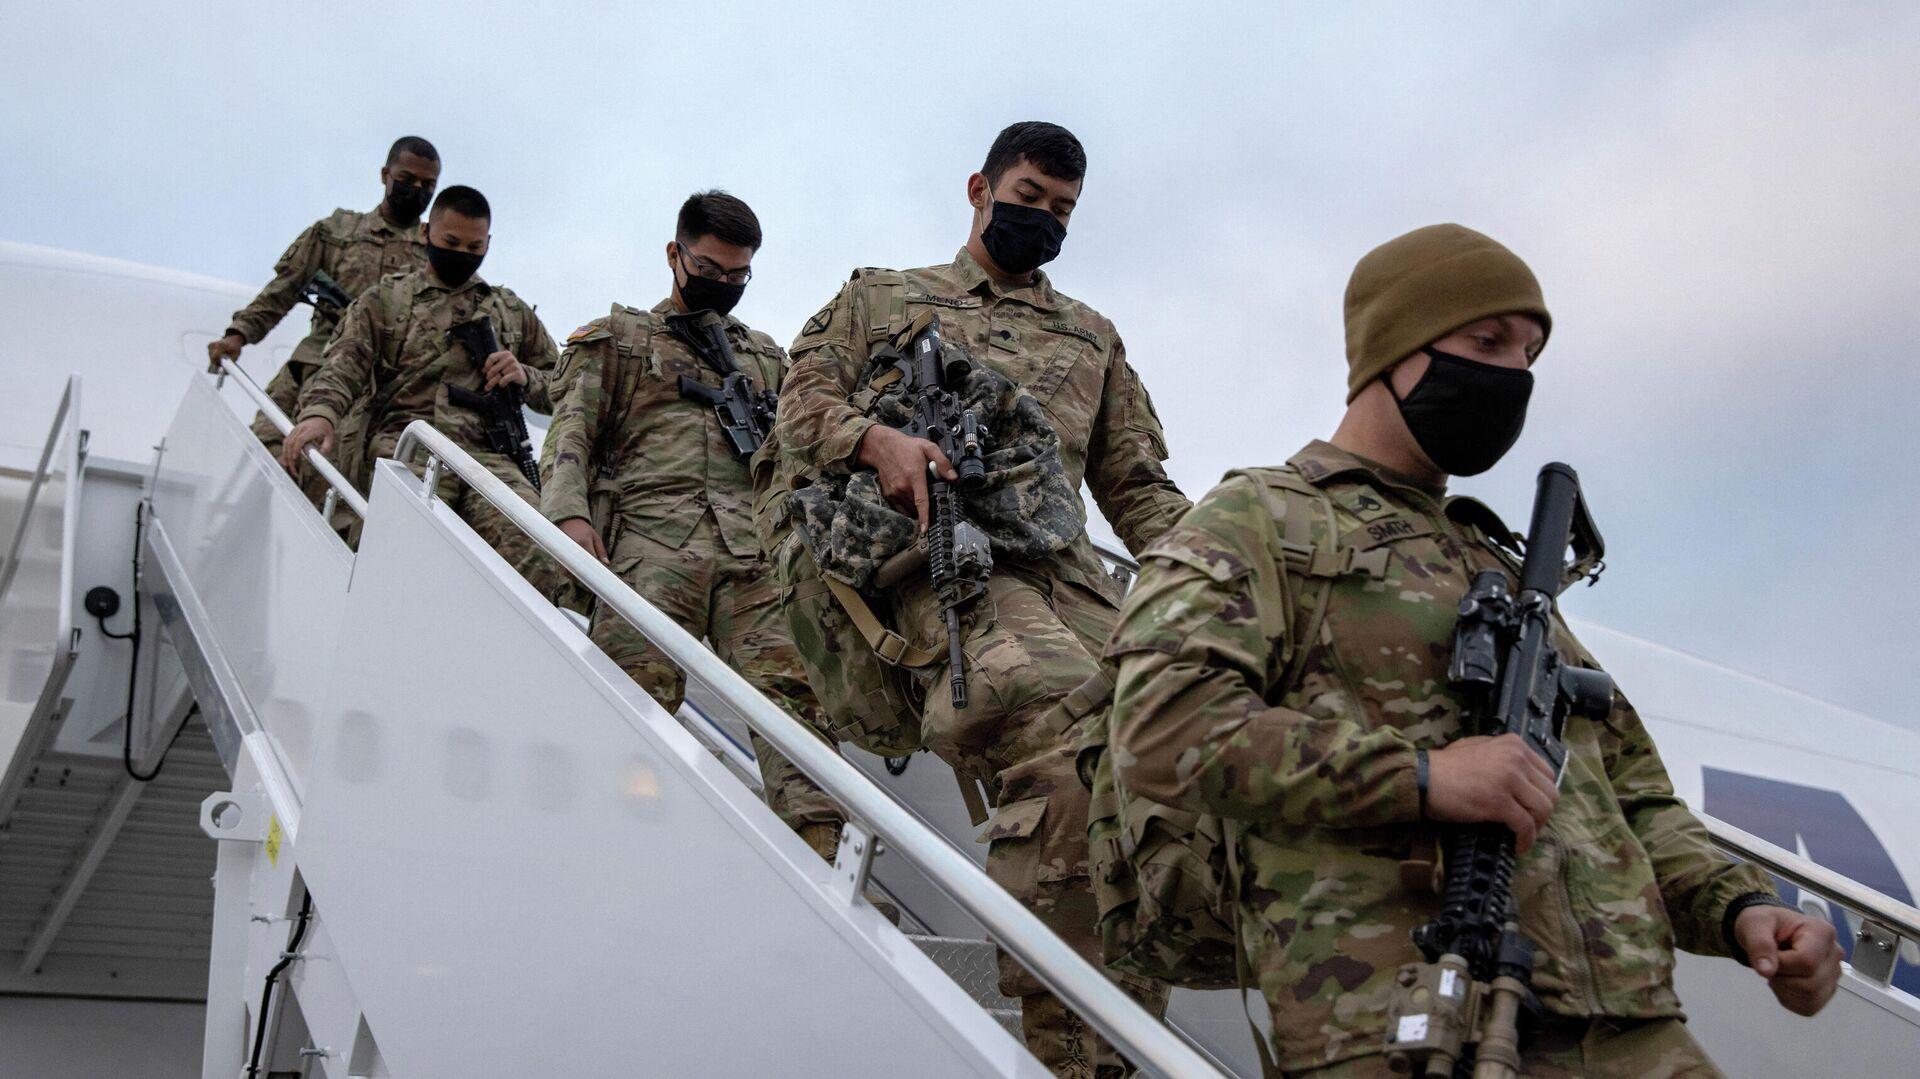 Солдаты армии США возвращаются домой из Афганистана - Sputnik Тоҷикистон, 1920, 08.10.2021